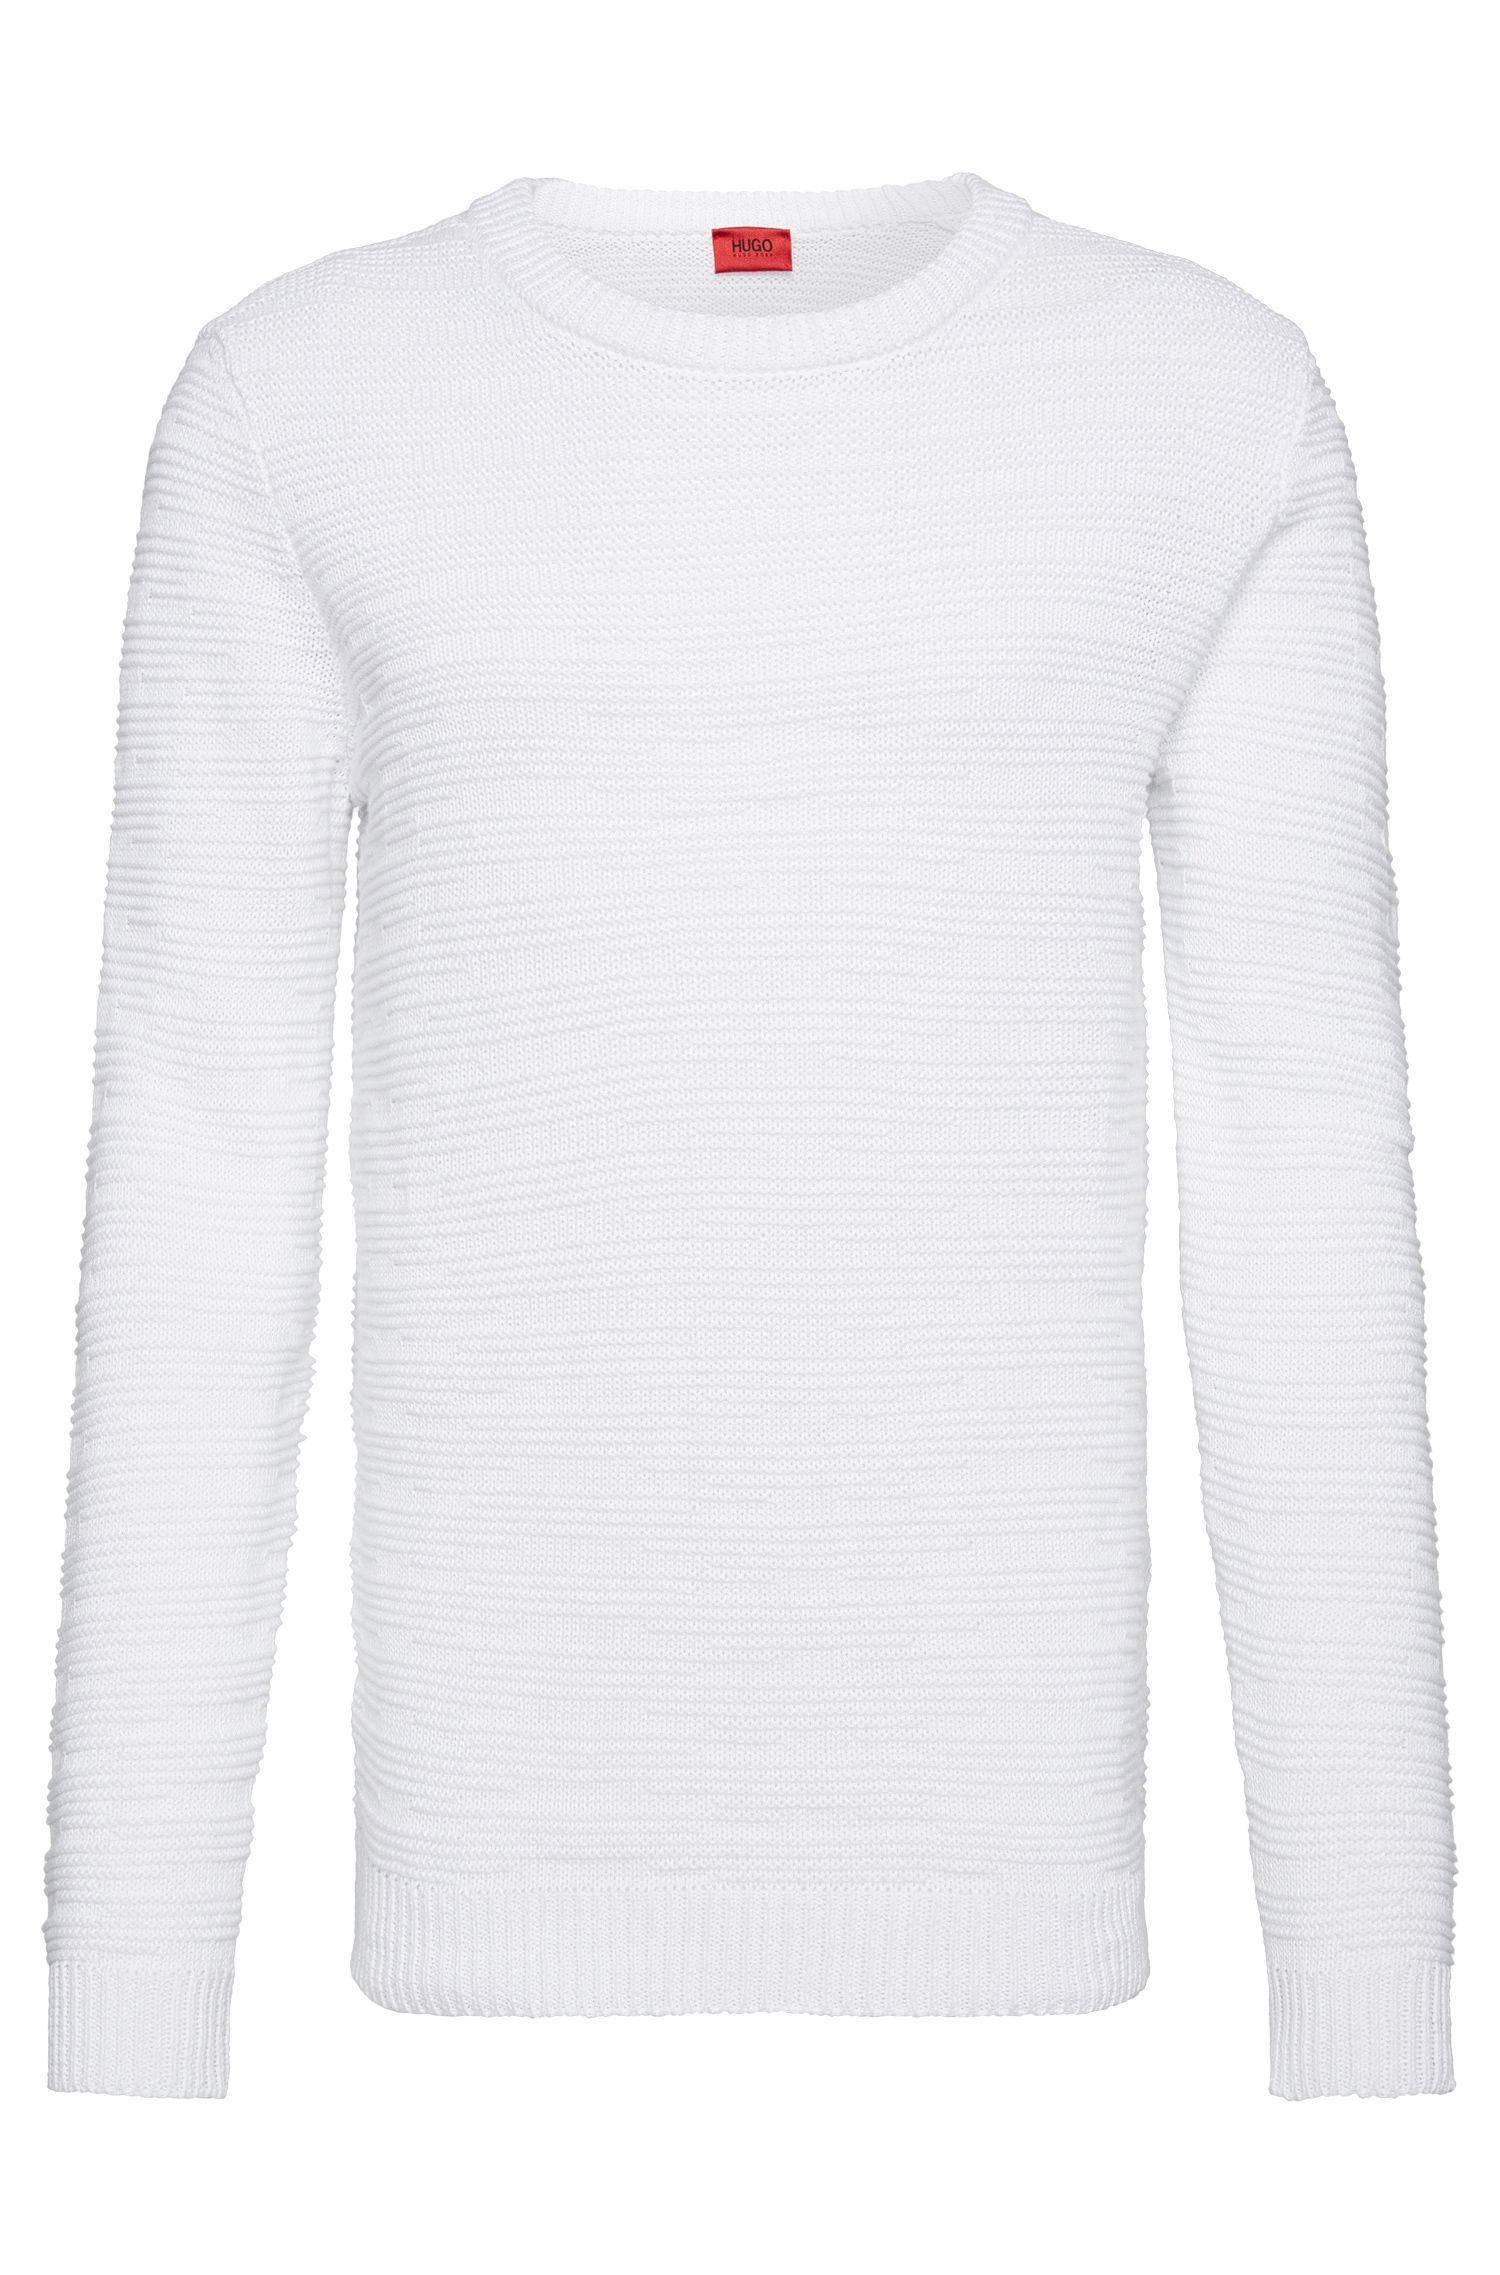 'Soleron' | Oversized Fit, Crewneck Linen Cotton Blend Knit Sweater